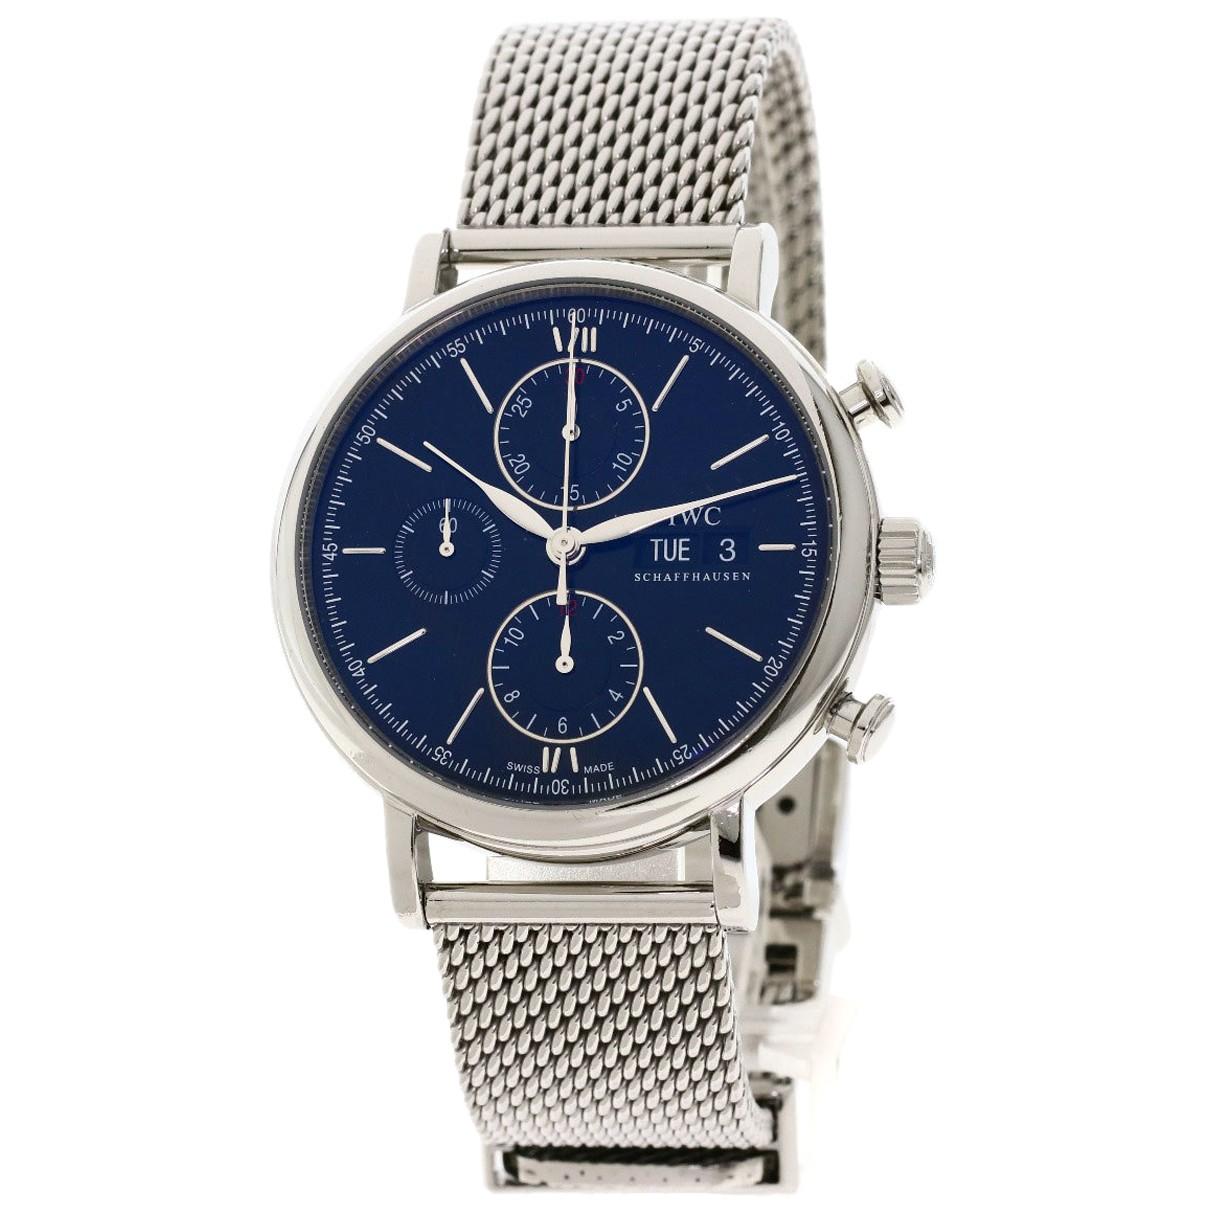 Iwc Portofino Uhr in  Silber Stahl